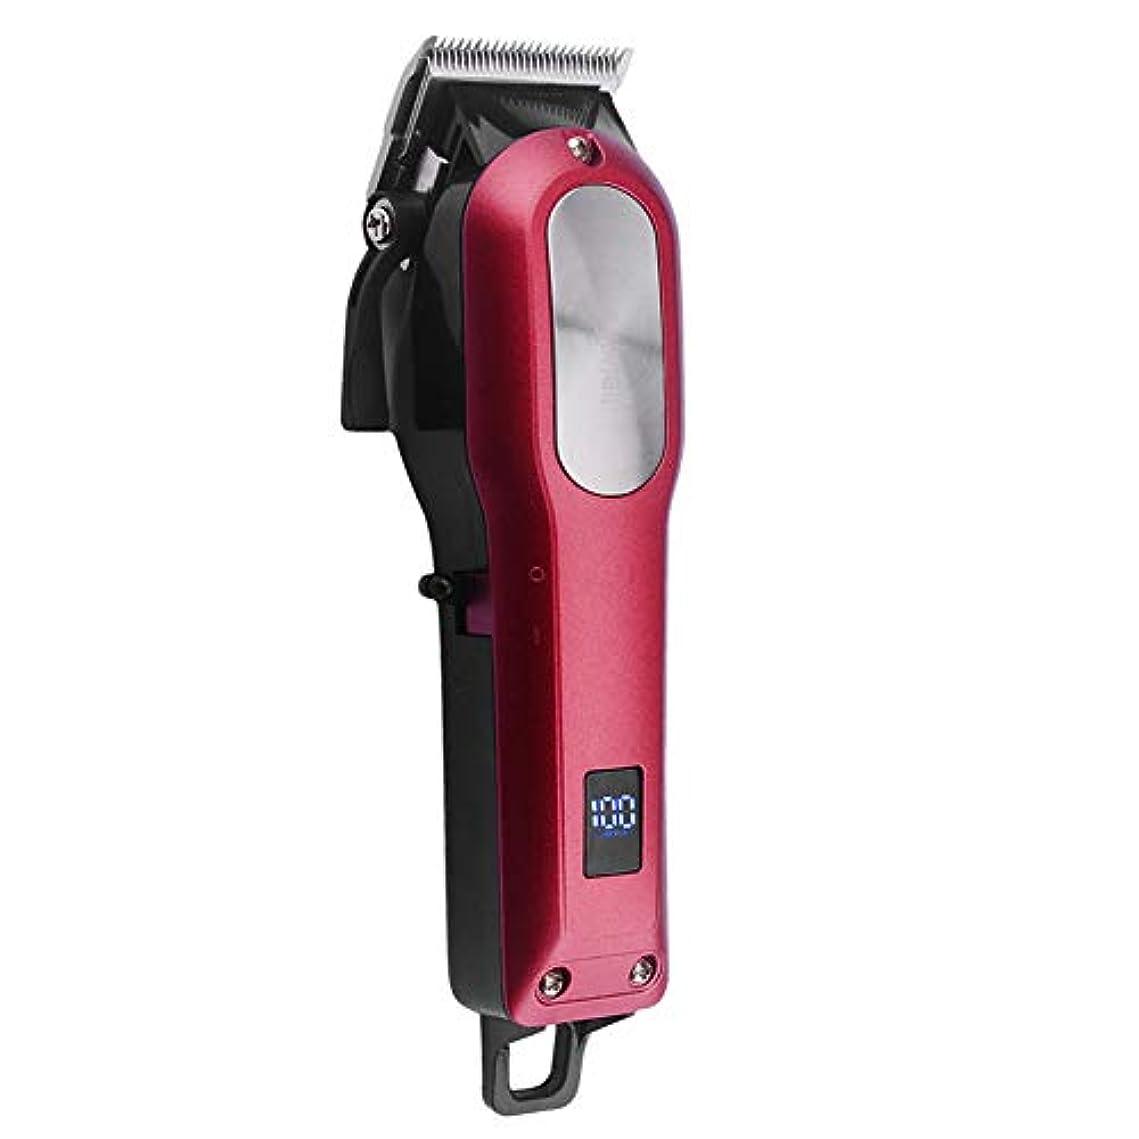 真実弱まる幹COSYONALL 電動バリカン 充電式ヘアカッター レバー式バリカン プロ 0.8-2mm刈り高さ調整可能 LEDディスプレイ 4時間連続使用 ヒゲトリマー ヘアクリッパー コードレス 低騒音 切れ味抜群 散髪 セット